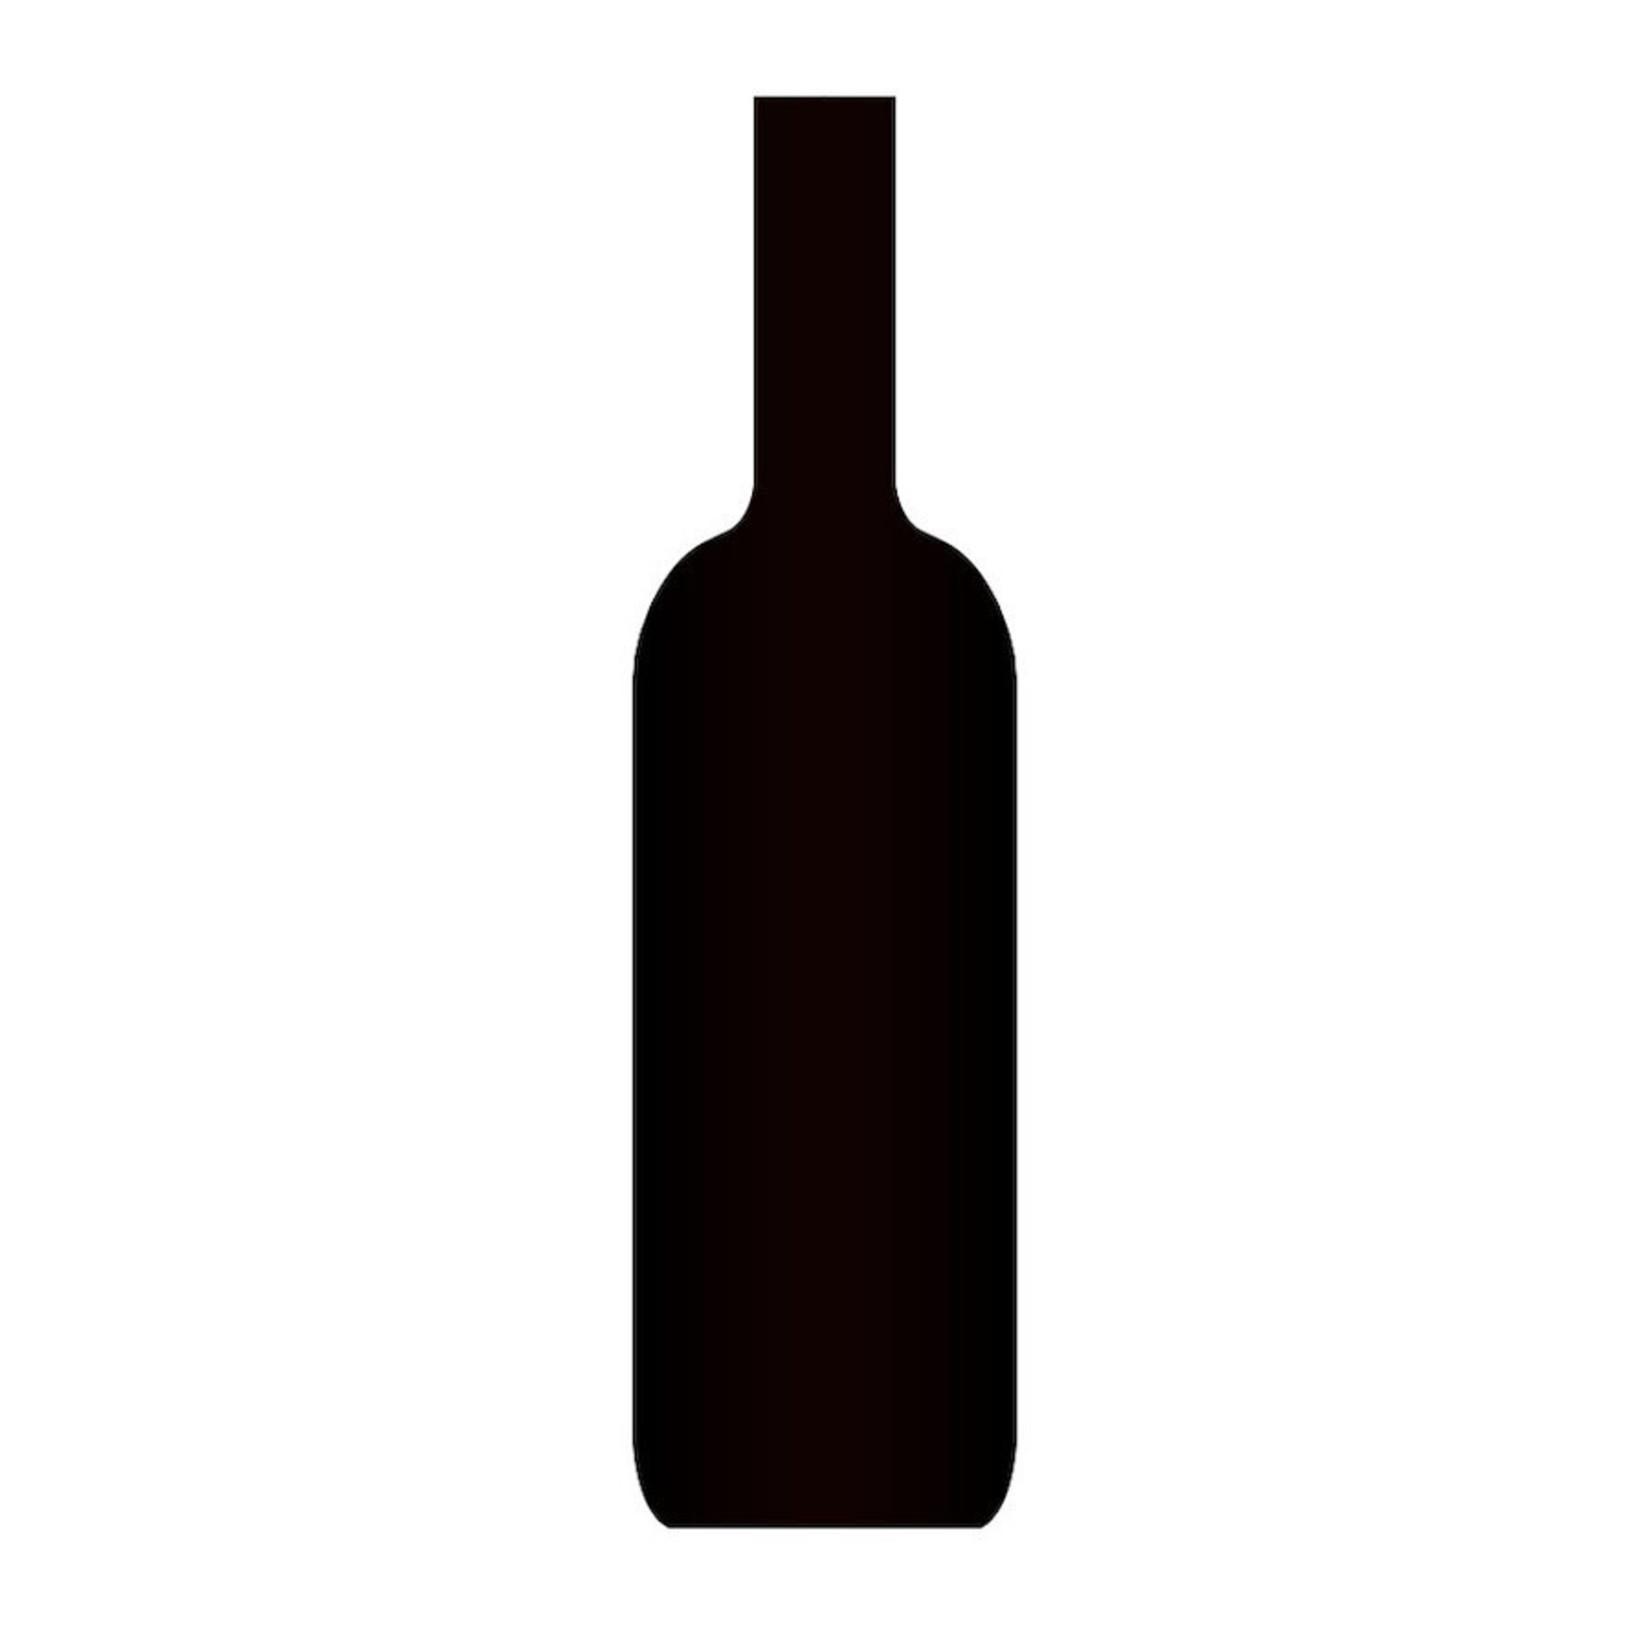 2020 Anne Pichon 'Sauvage' Grenache Noir Vielles Vignes